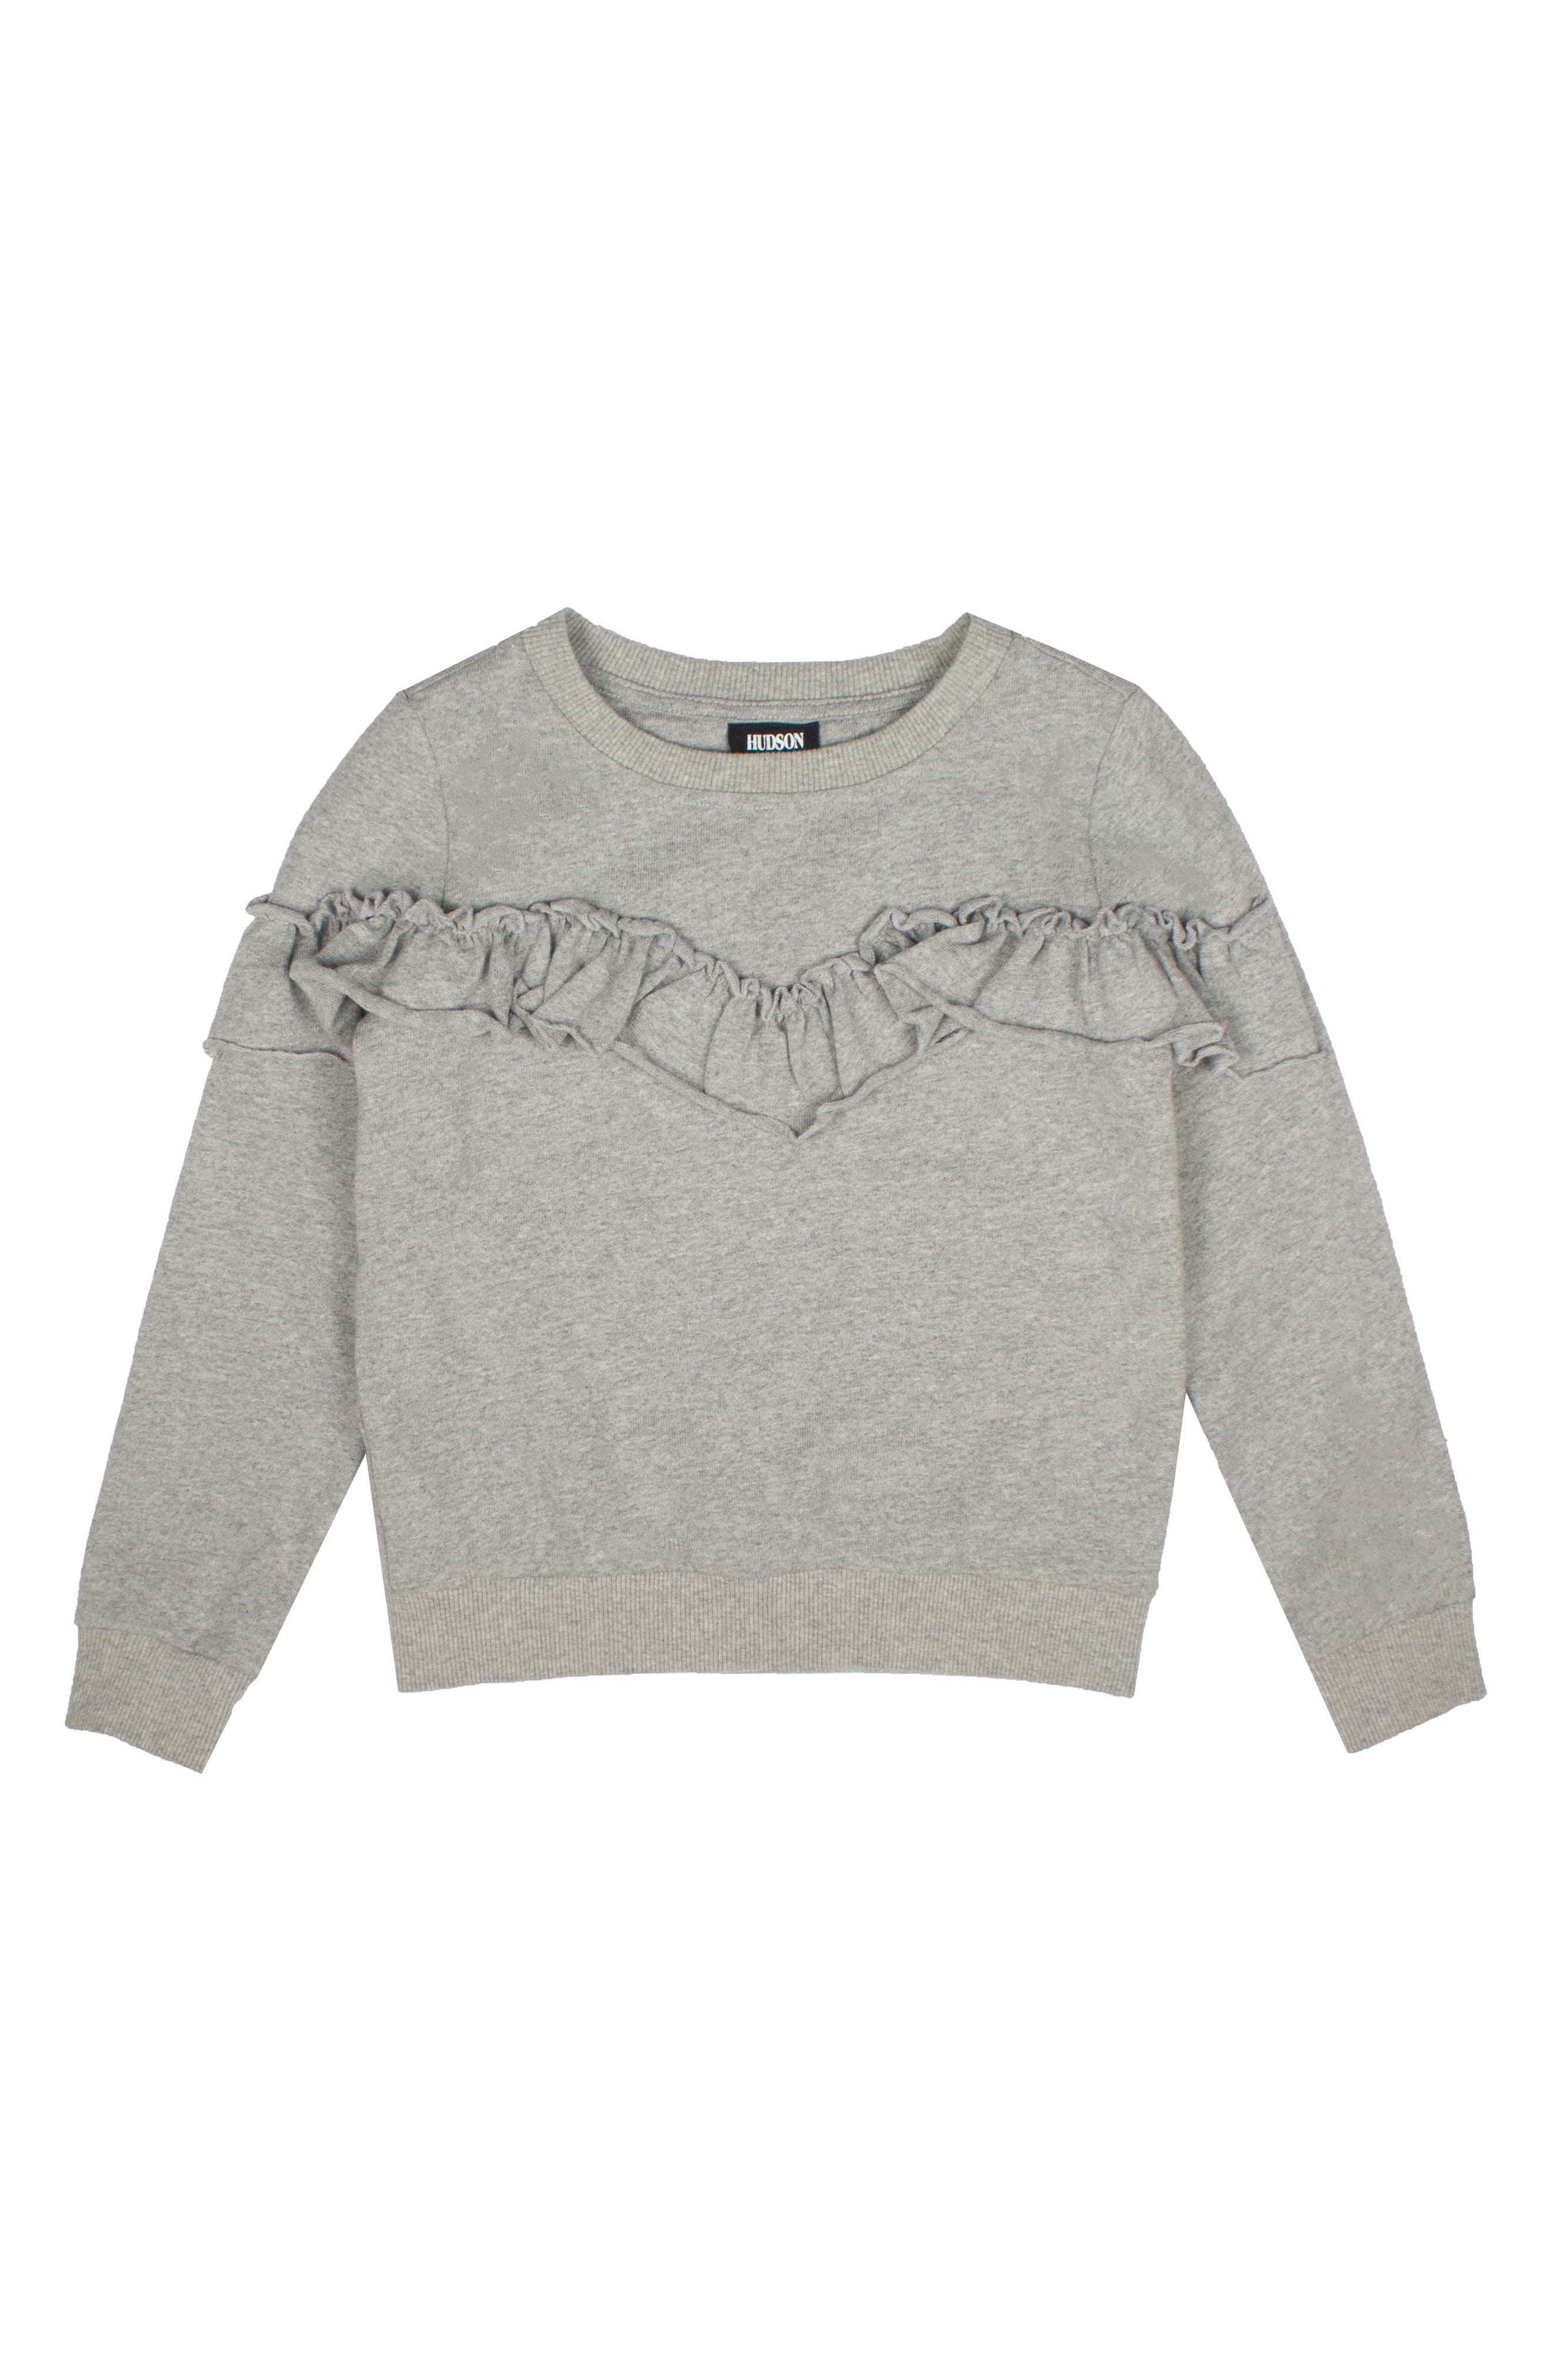 Main Image - Hudson Kids Ruffle Sweatshirt (Baby Girls)